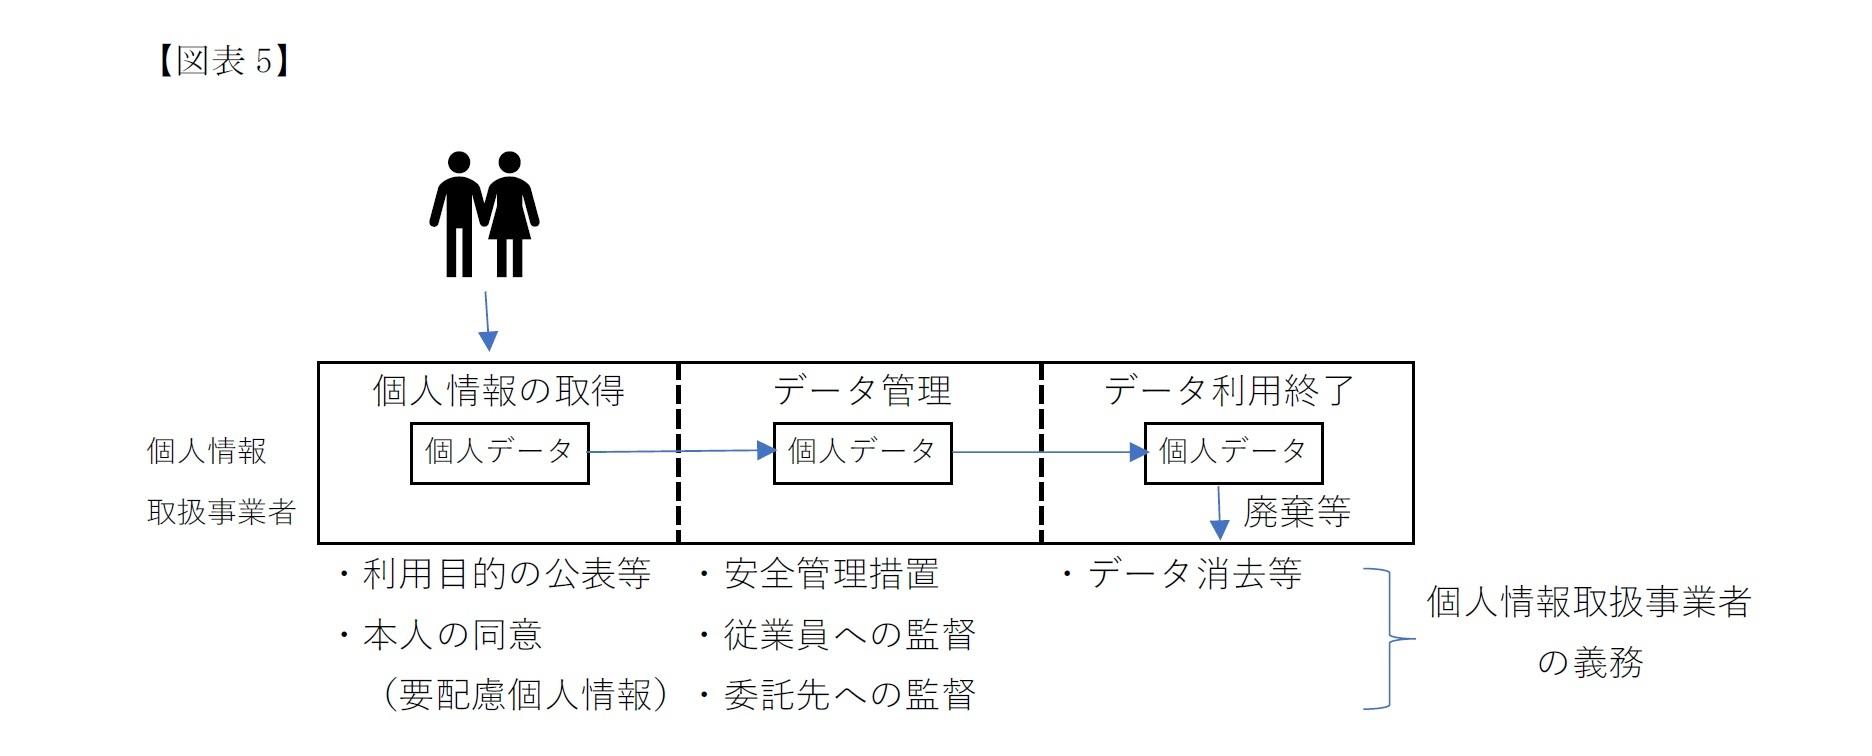 (図表5)個人情報取扱事業者の現行法における責務